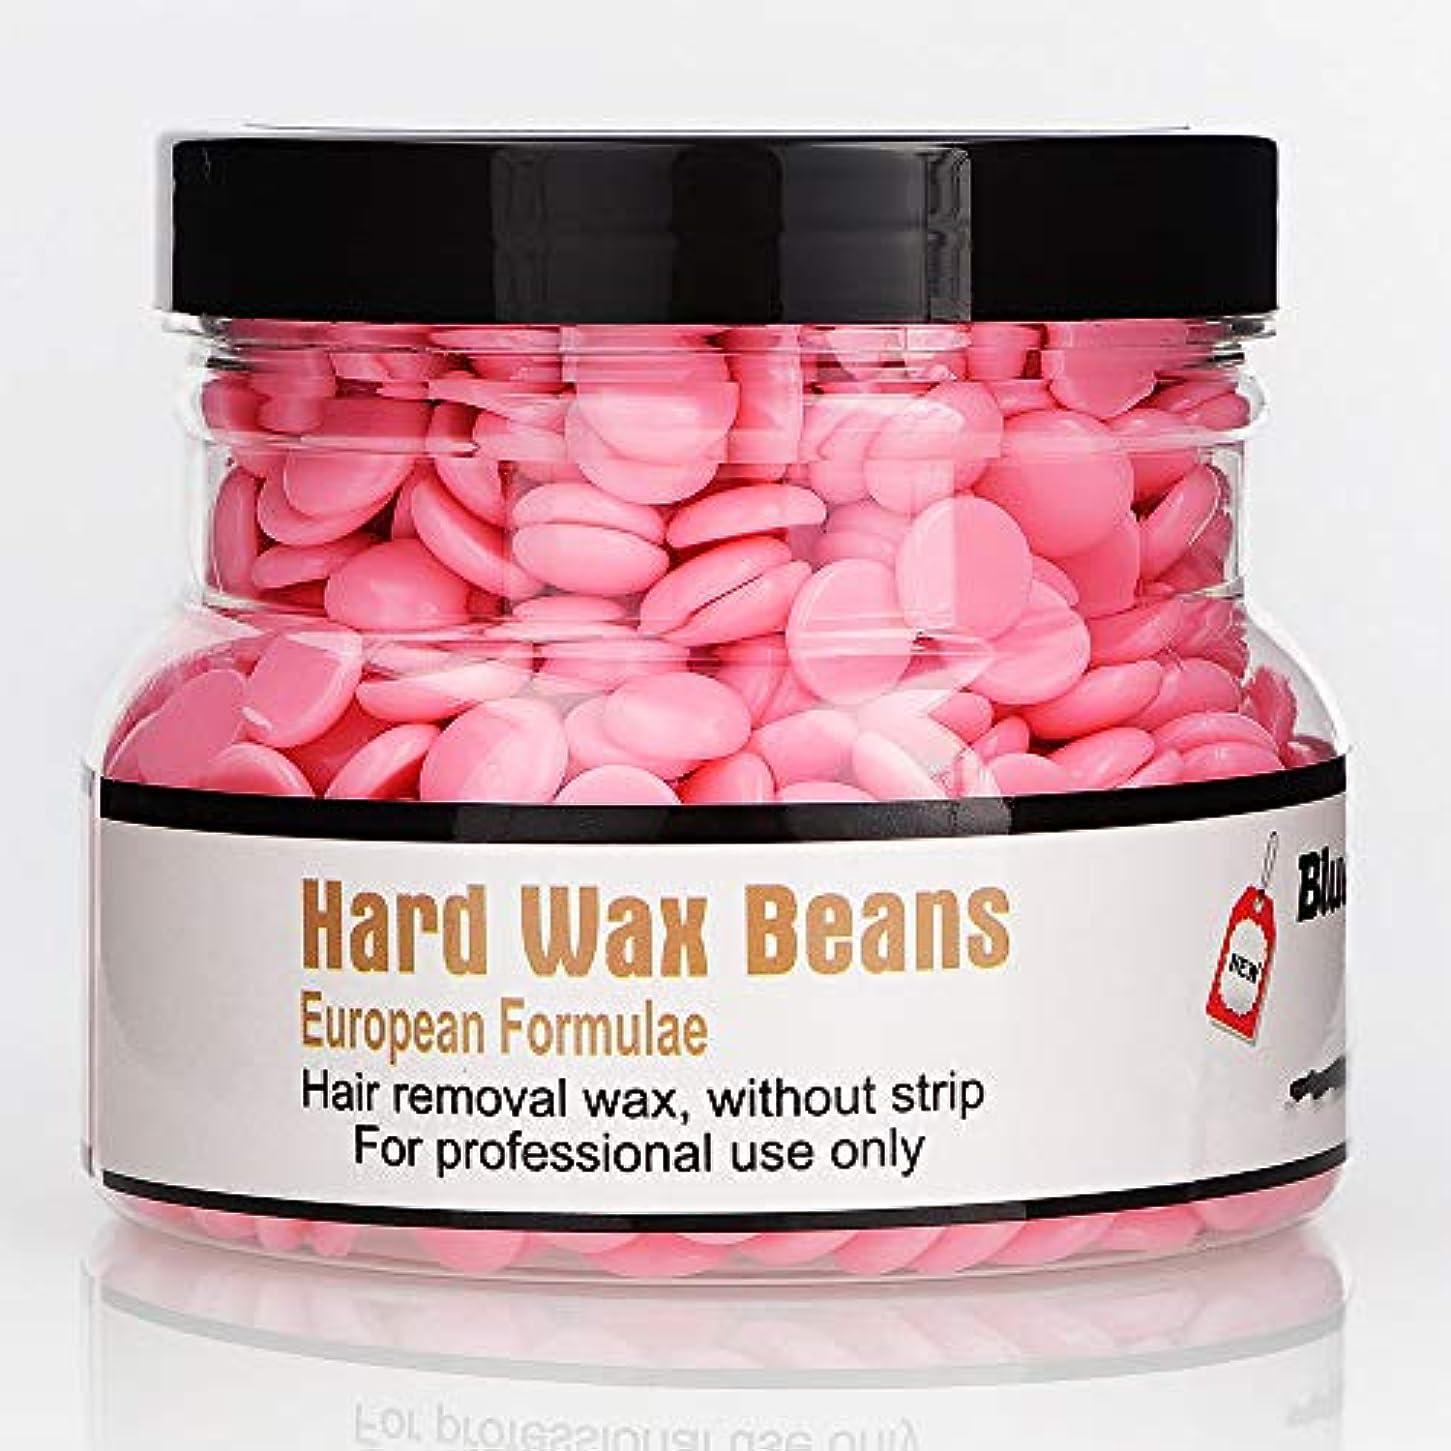 分類ブラウス断片Metermall 250g美容脱毛ハードワックス豆フェイス脇の下のアーム脚のための安全な恒久的な脱毛剤 rose